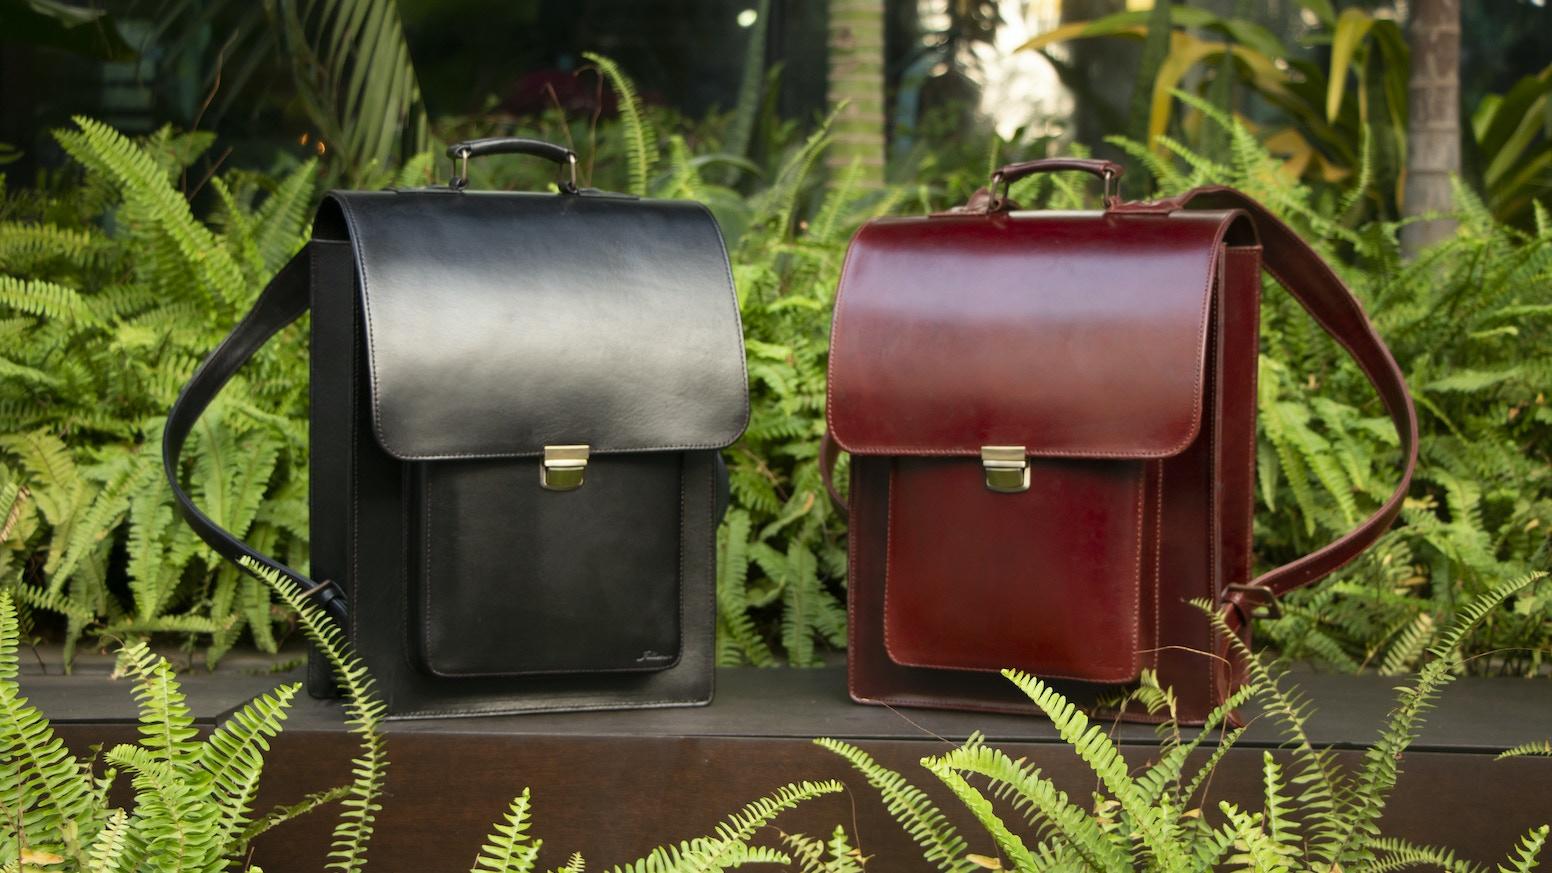 9f658419766 Jillanie, A Fair Brand of Handmade Leather Bags by Jillanie » We ...